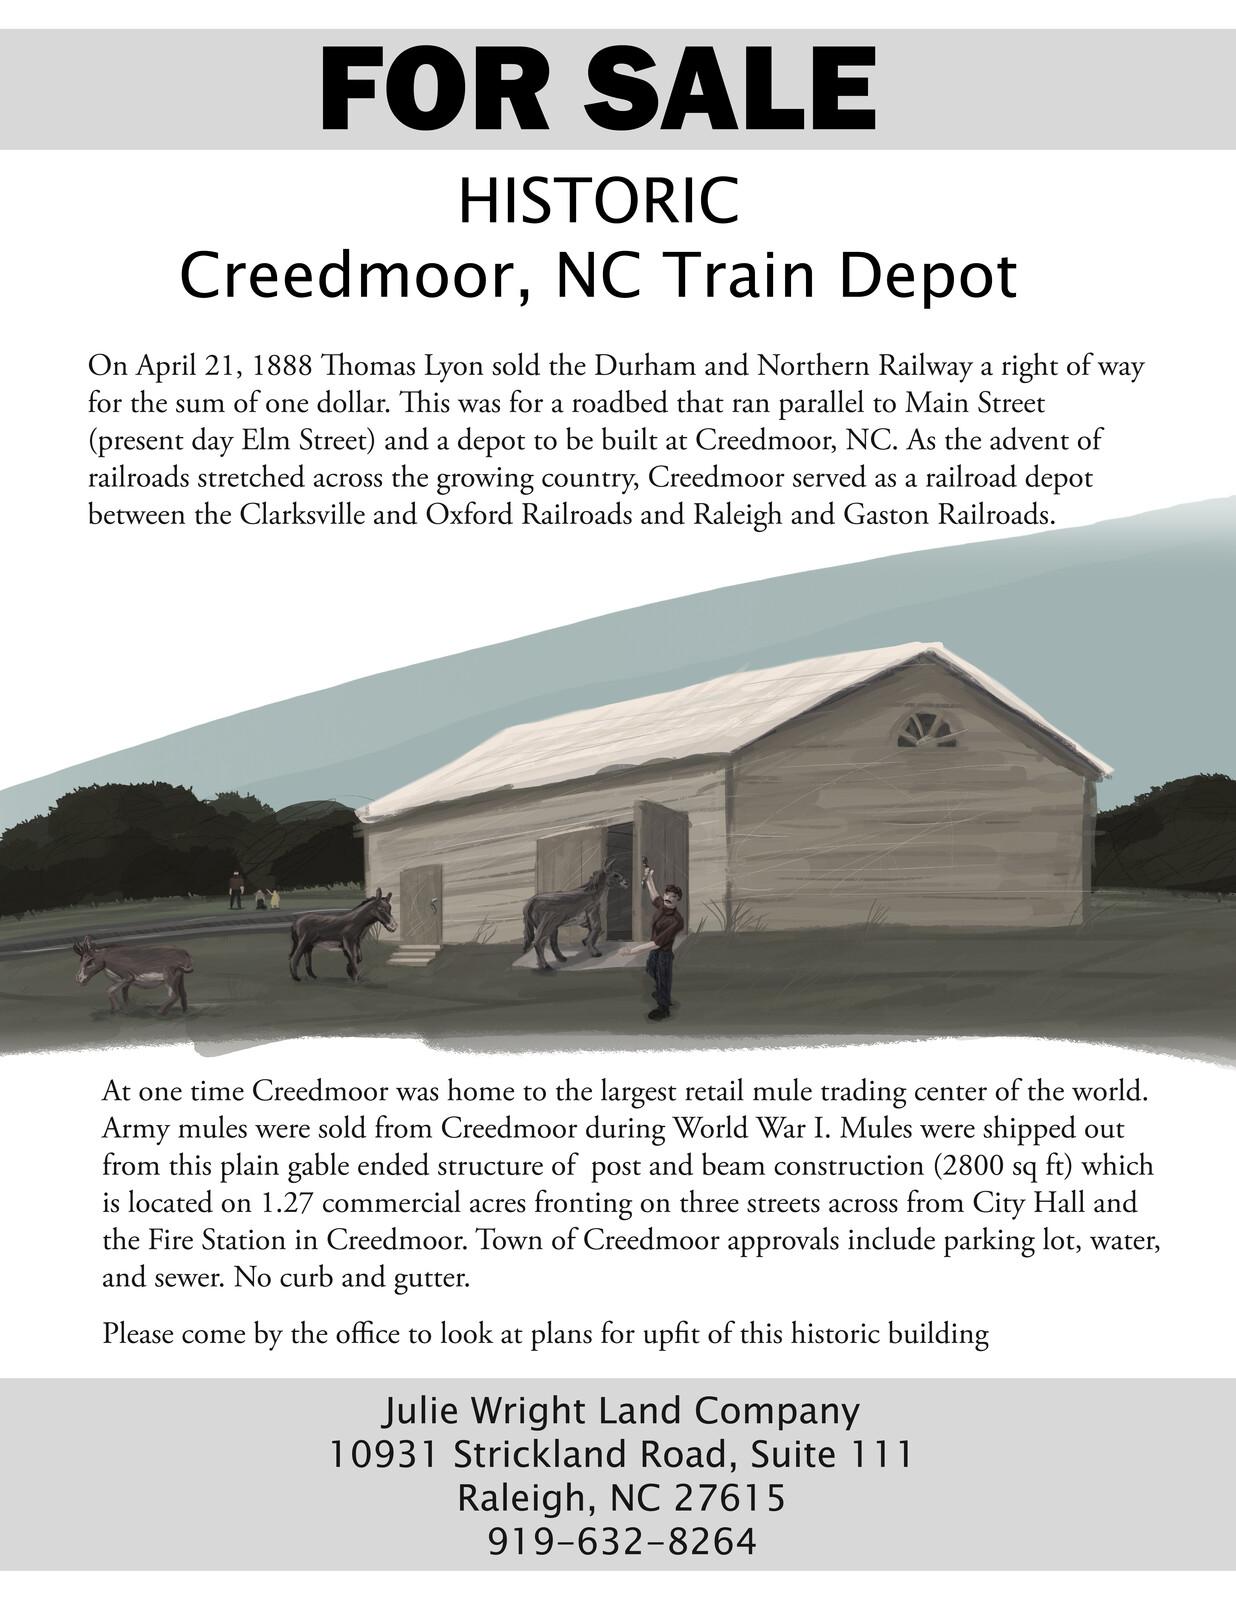 Creedmoor Train Depot Flier